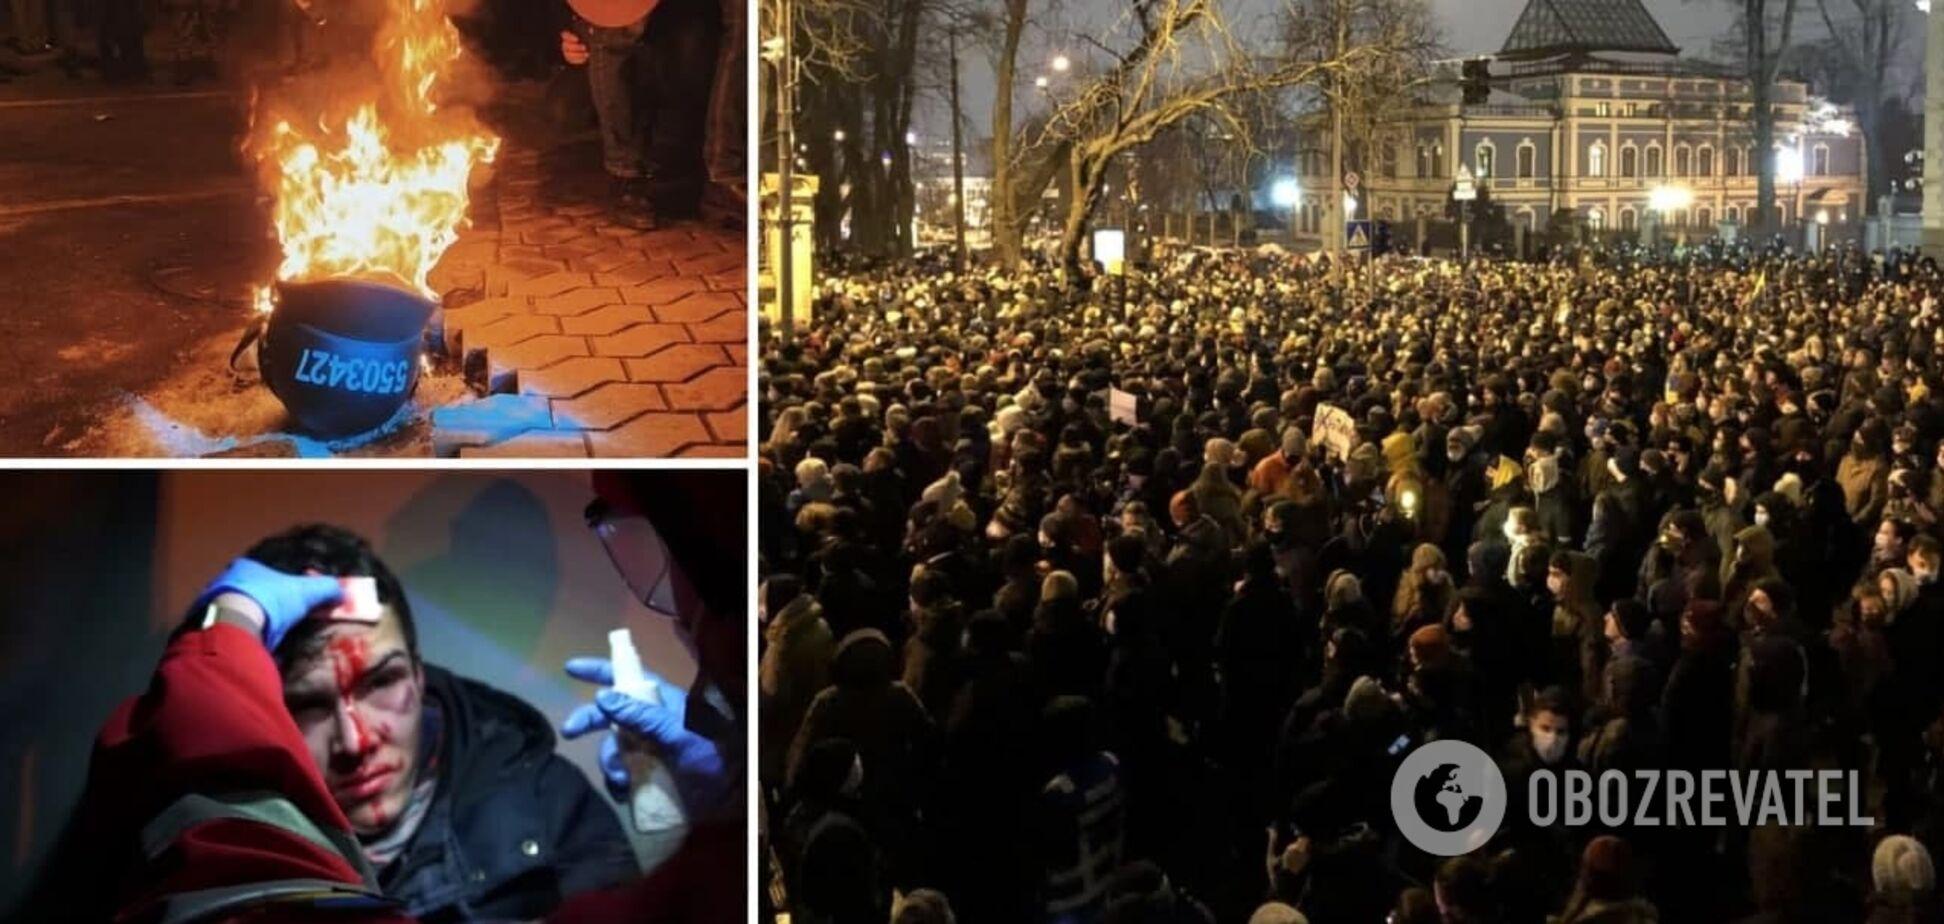 В Киеве под ОПУ сторонники Стерненко схлестнулись с полицией, десятки раненых и задержанных. Фото и видео